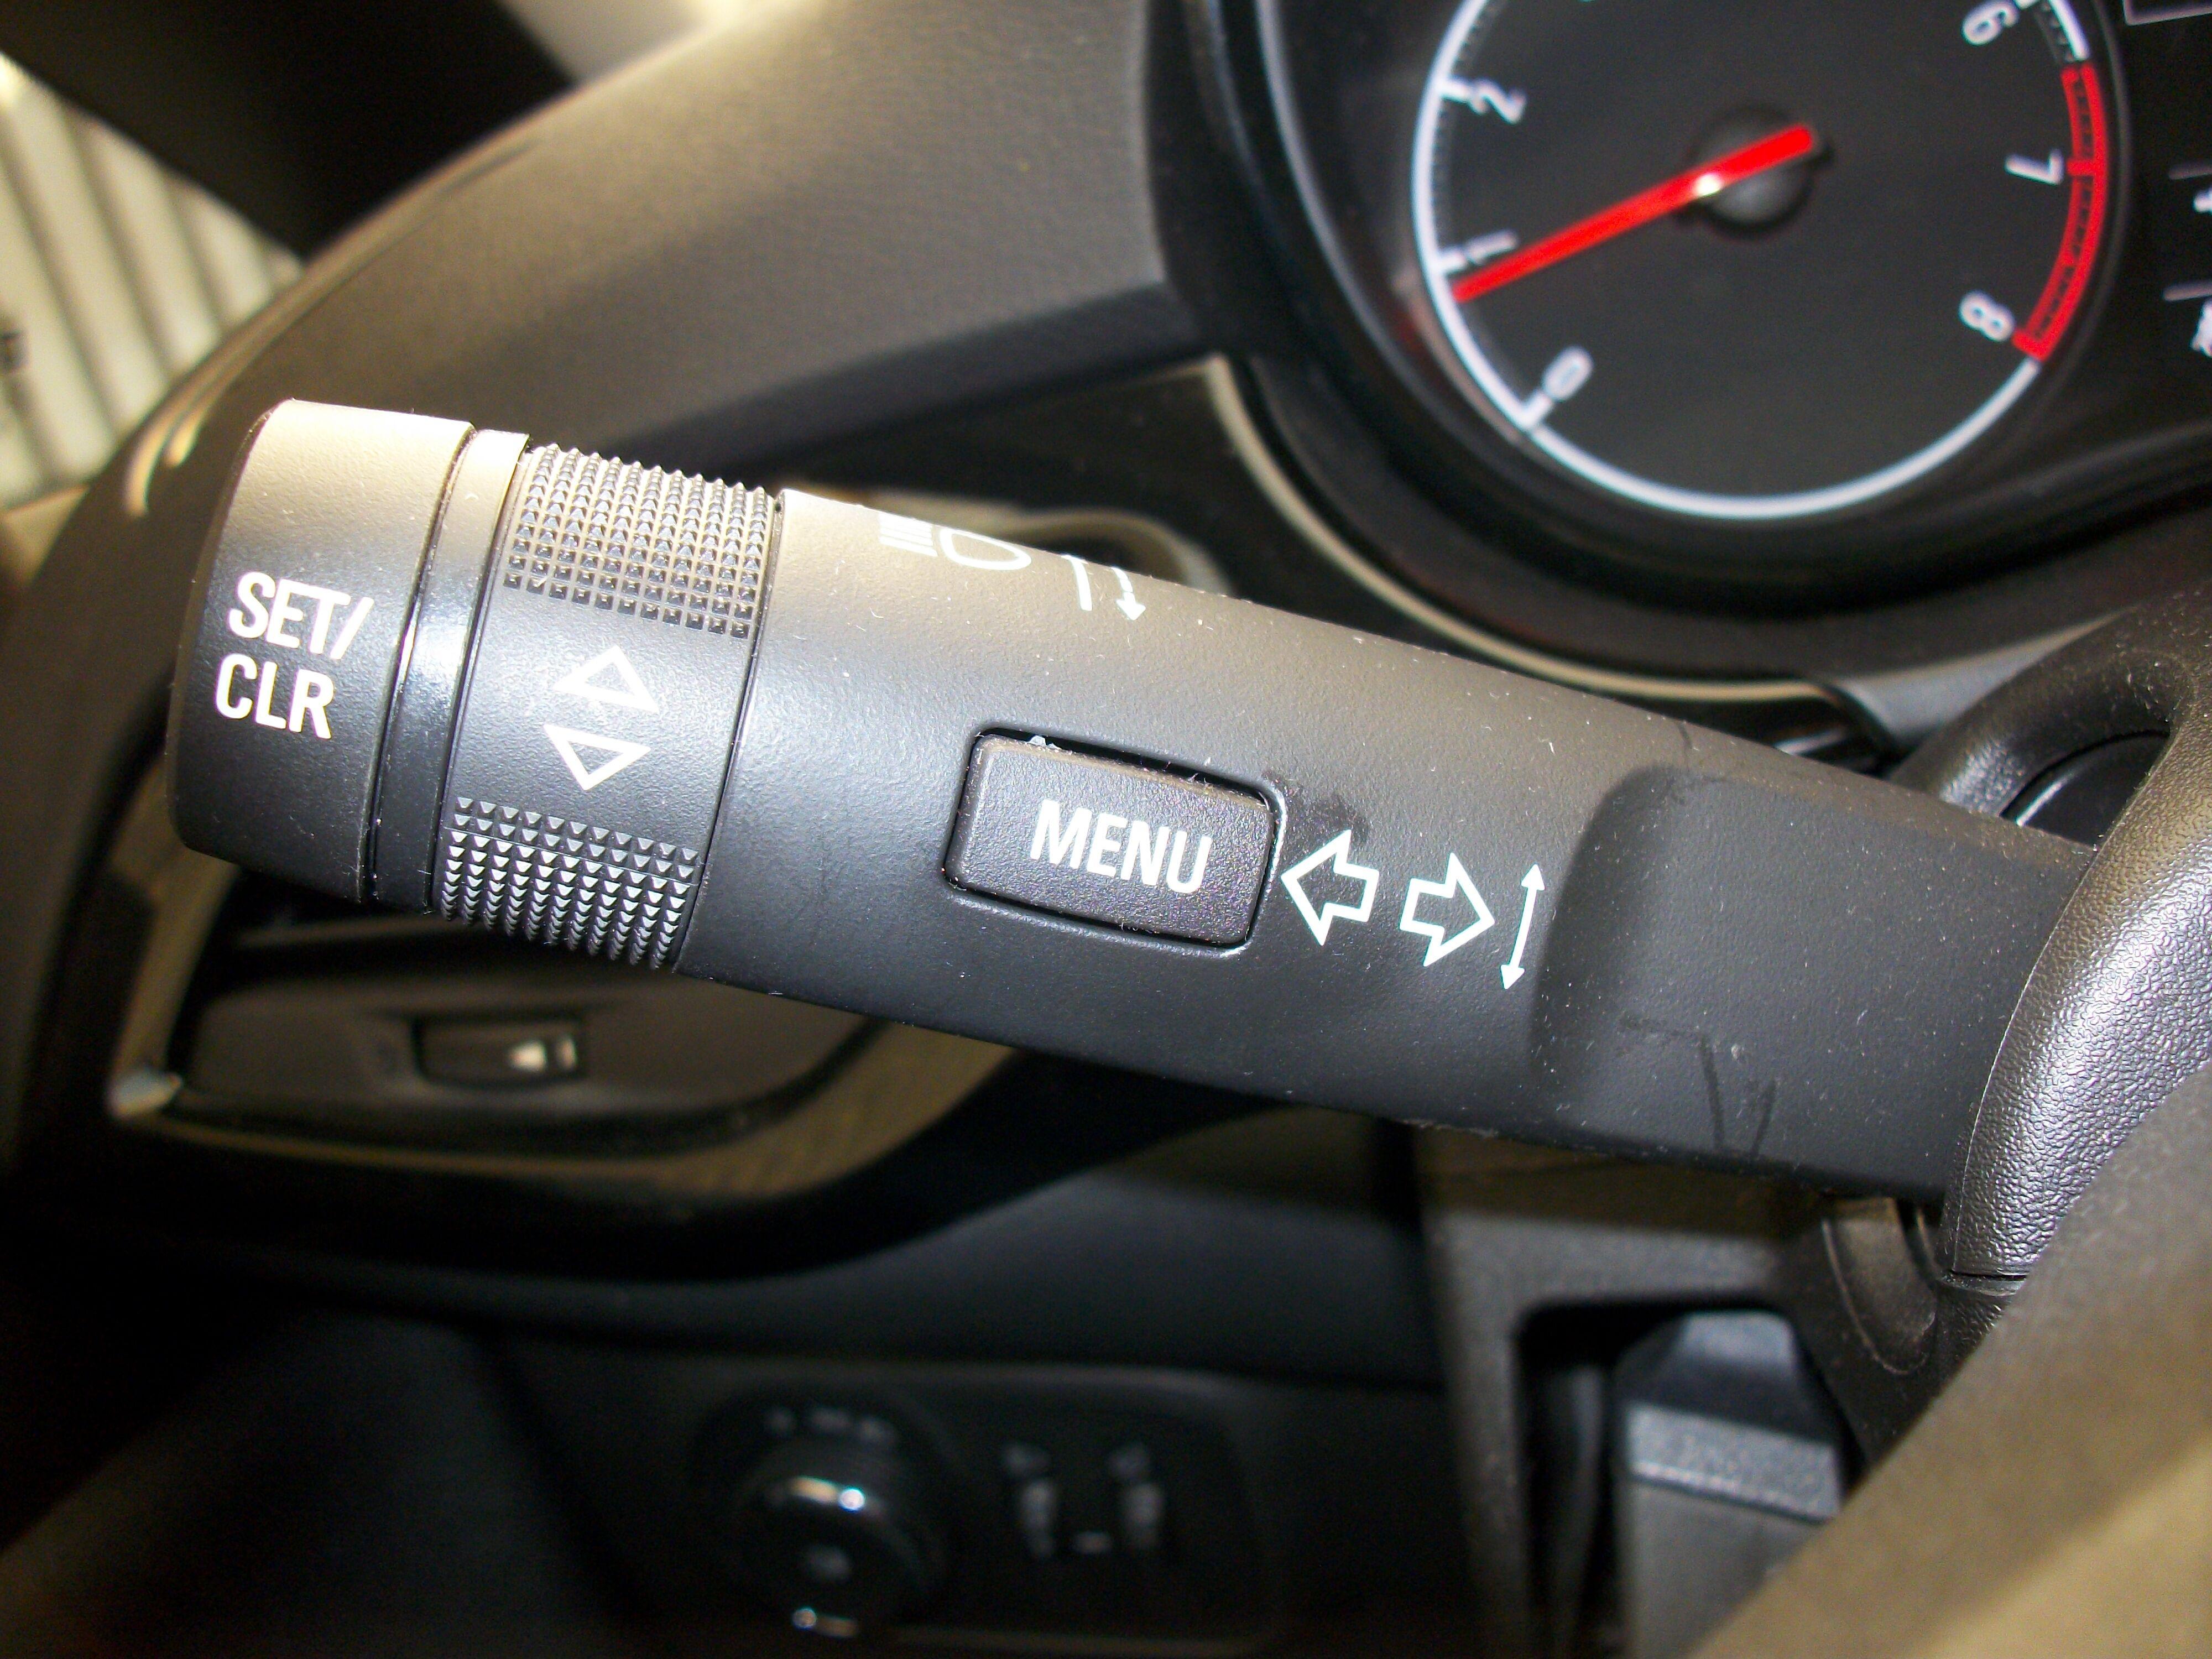 Opel Corsa CORSA E 1.2 Benz. - 5 deur 7/15